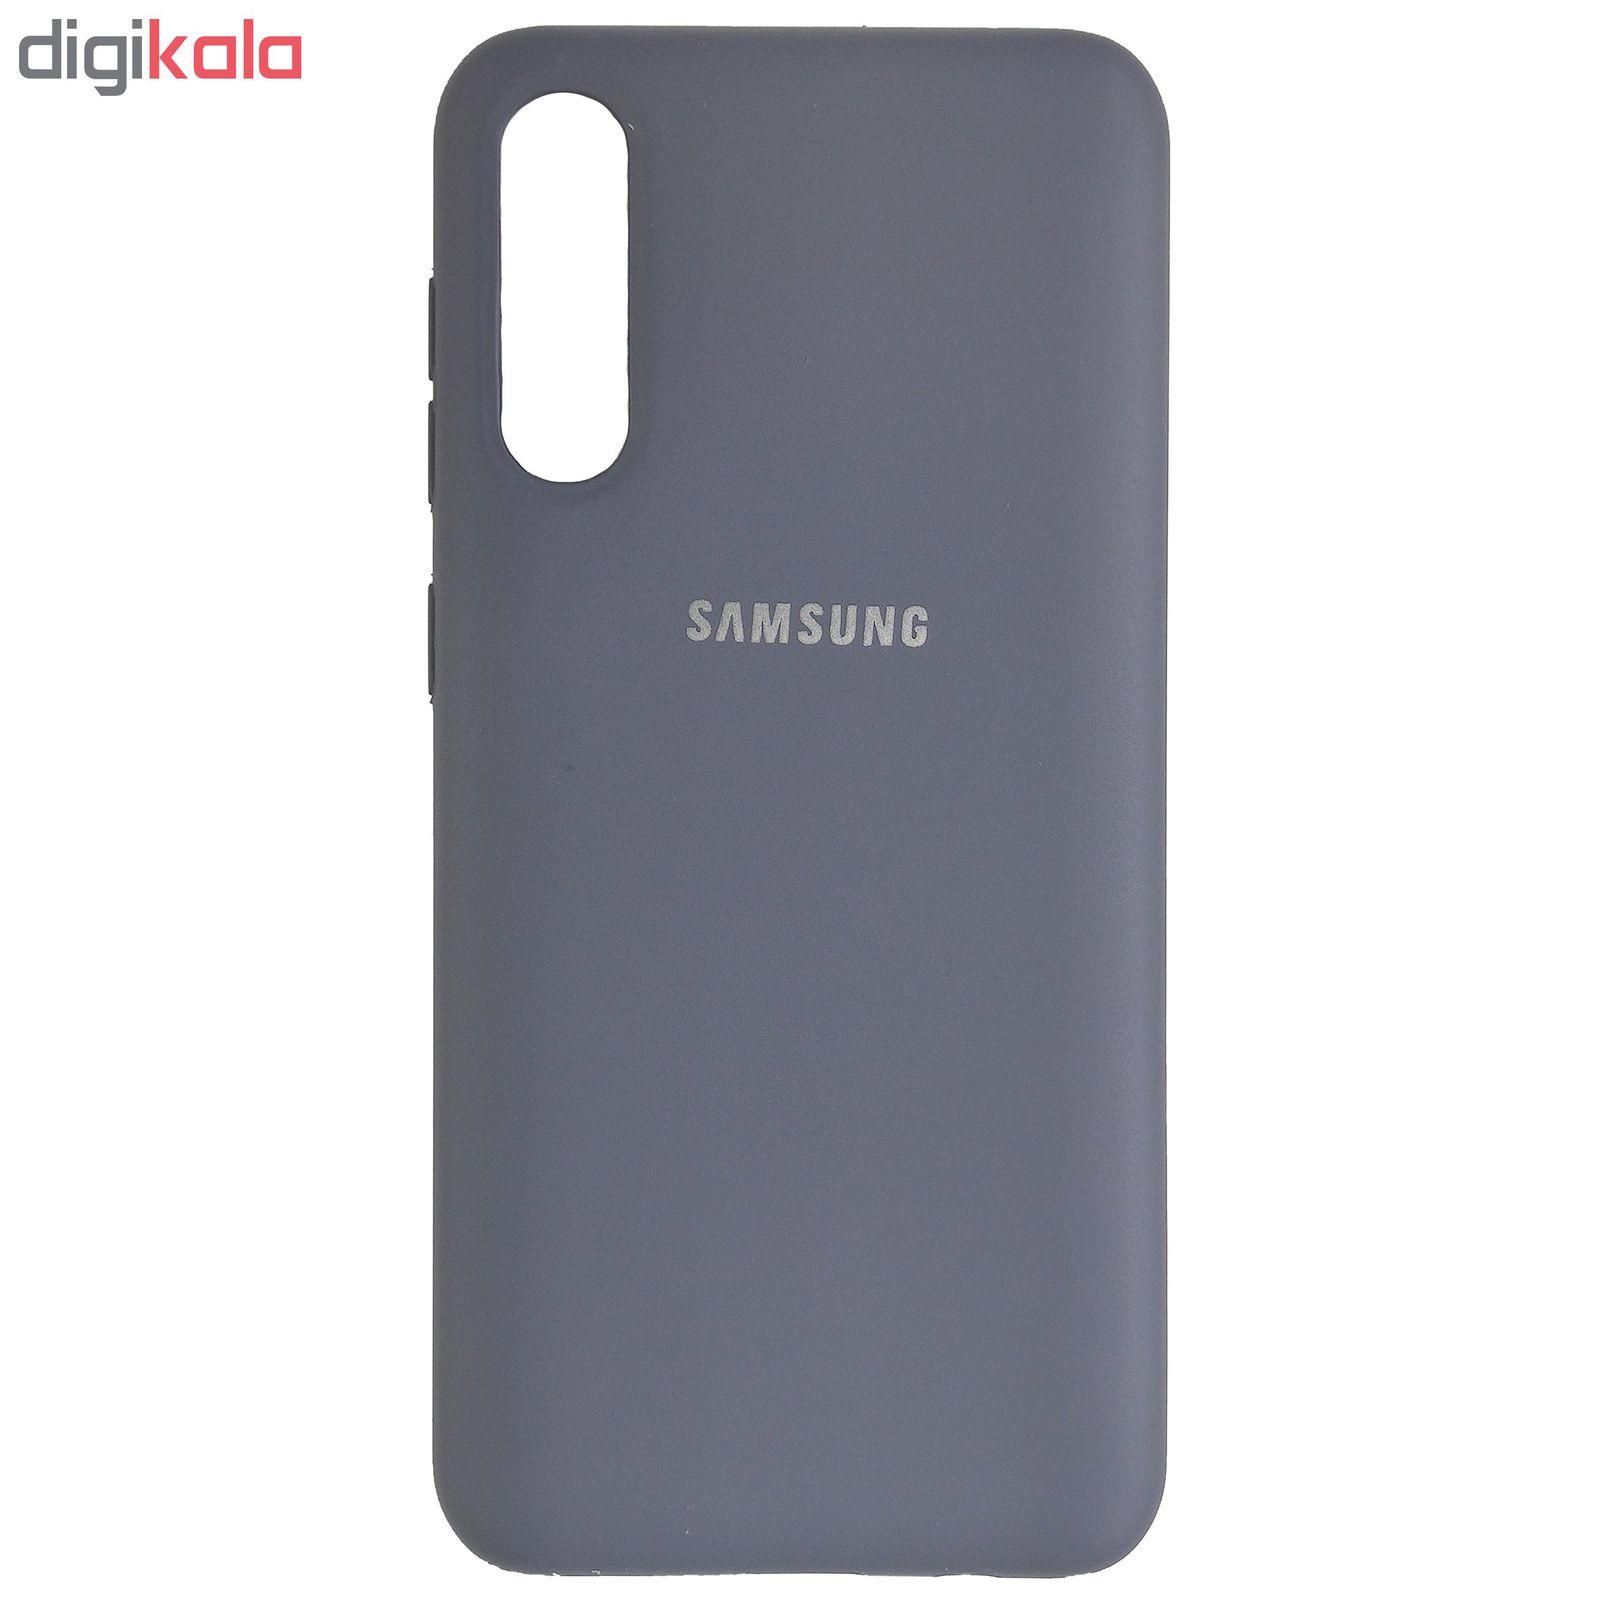 کاور مدل Sliokin مناسب برای گوشی موبایل سامسونگ Galaxy A50/A50s